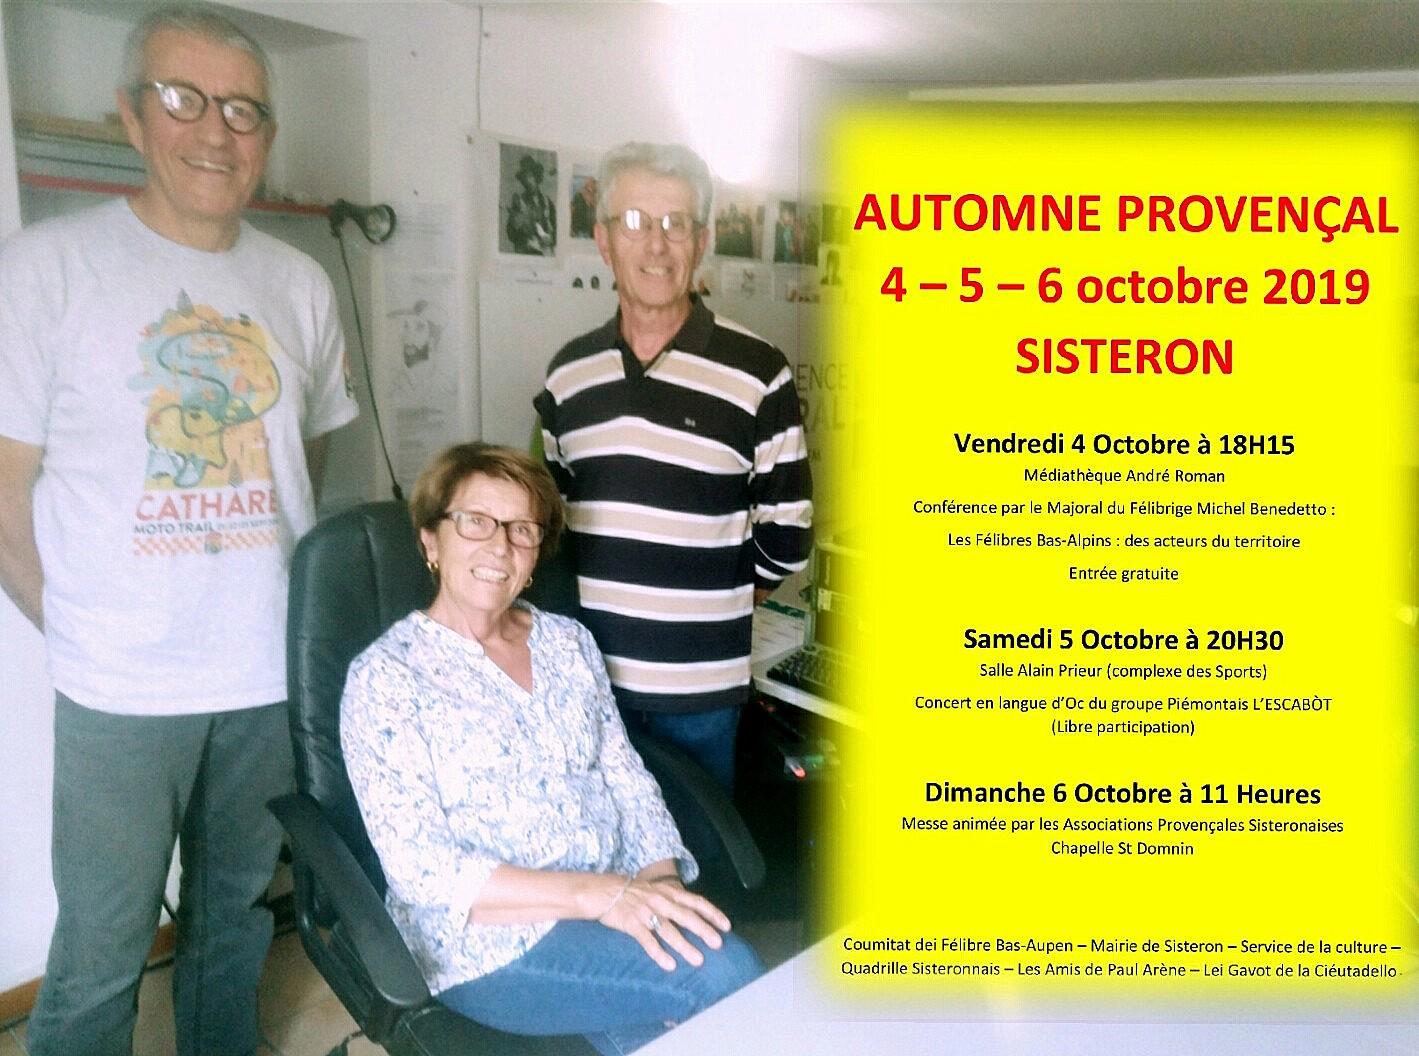 Sisteron retourne à ses sources provençales